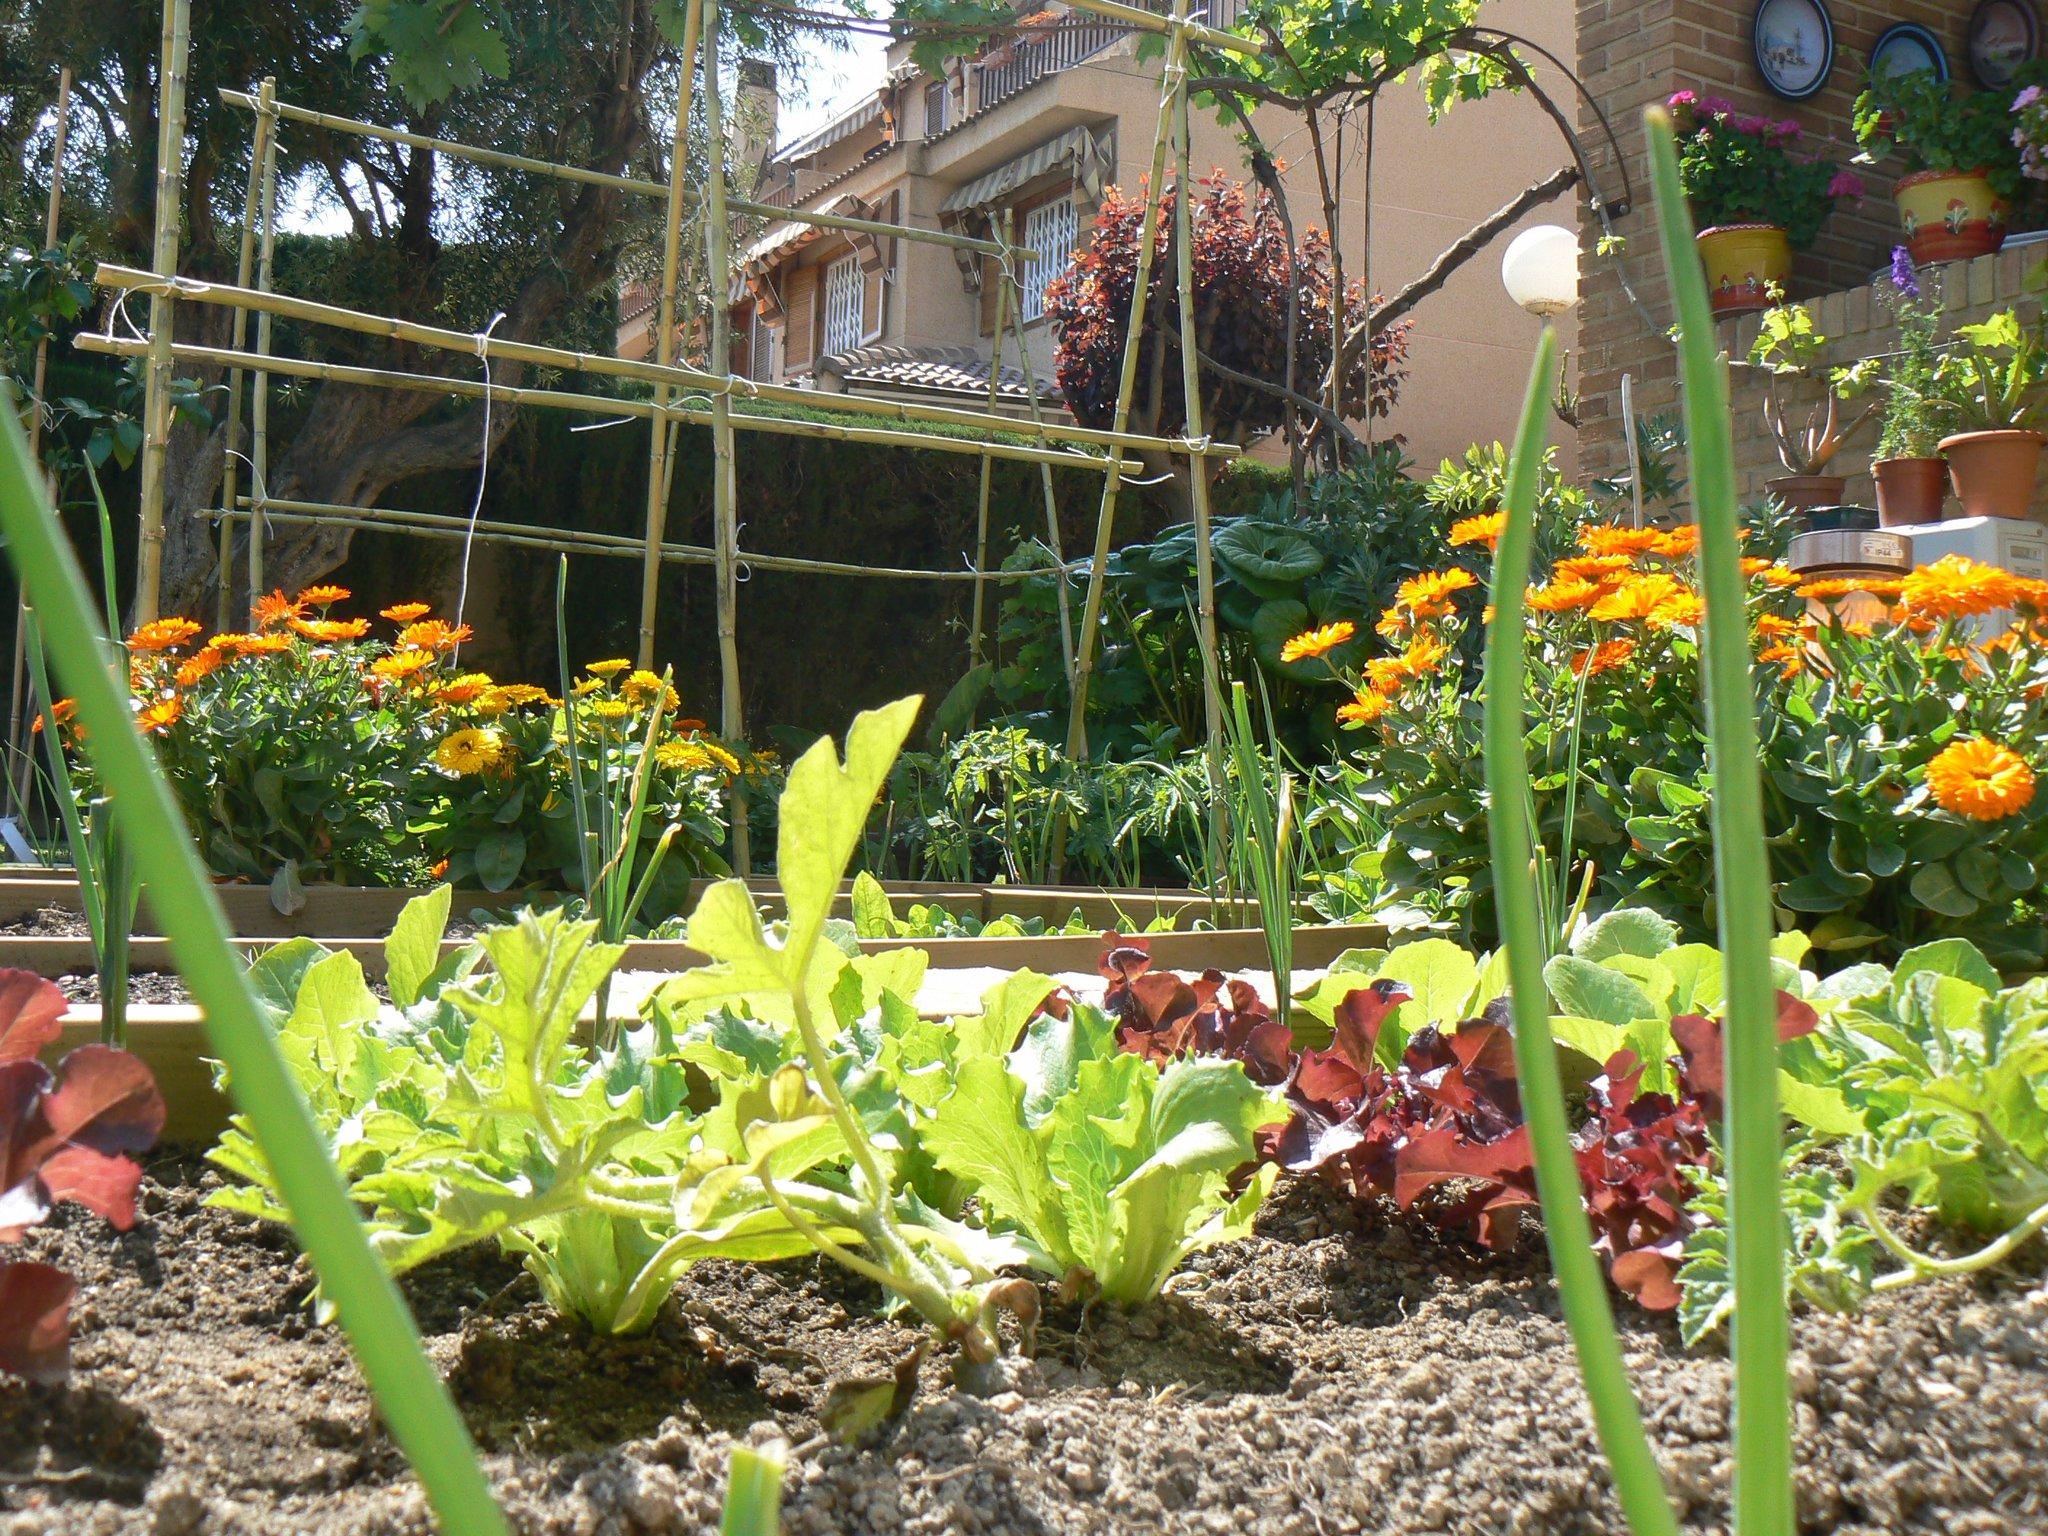 Cmo cultivar un huerto familiar en canteros Huerta Flor de Planta